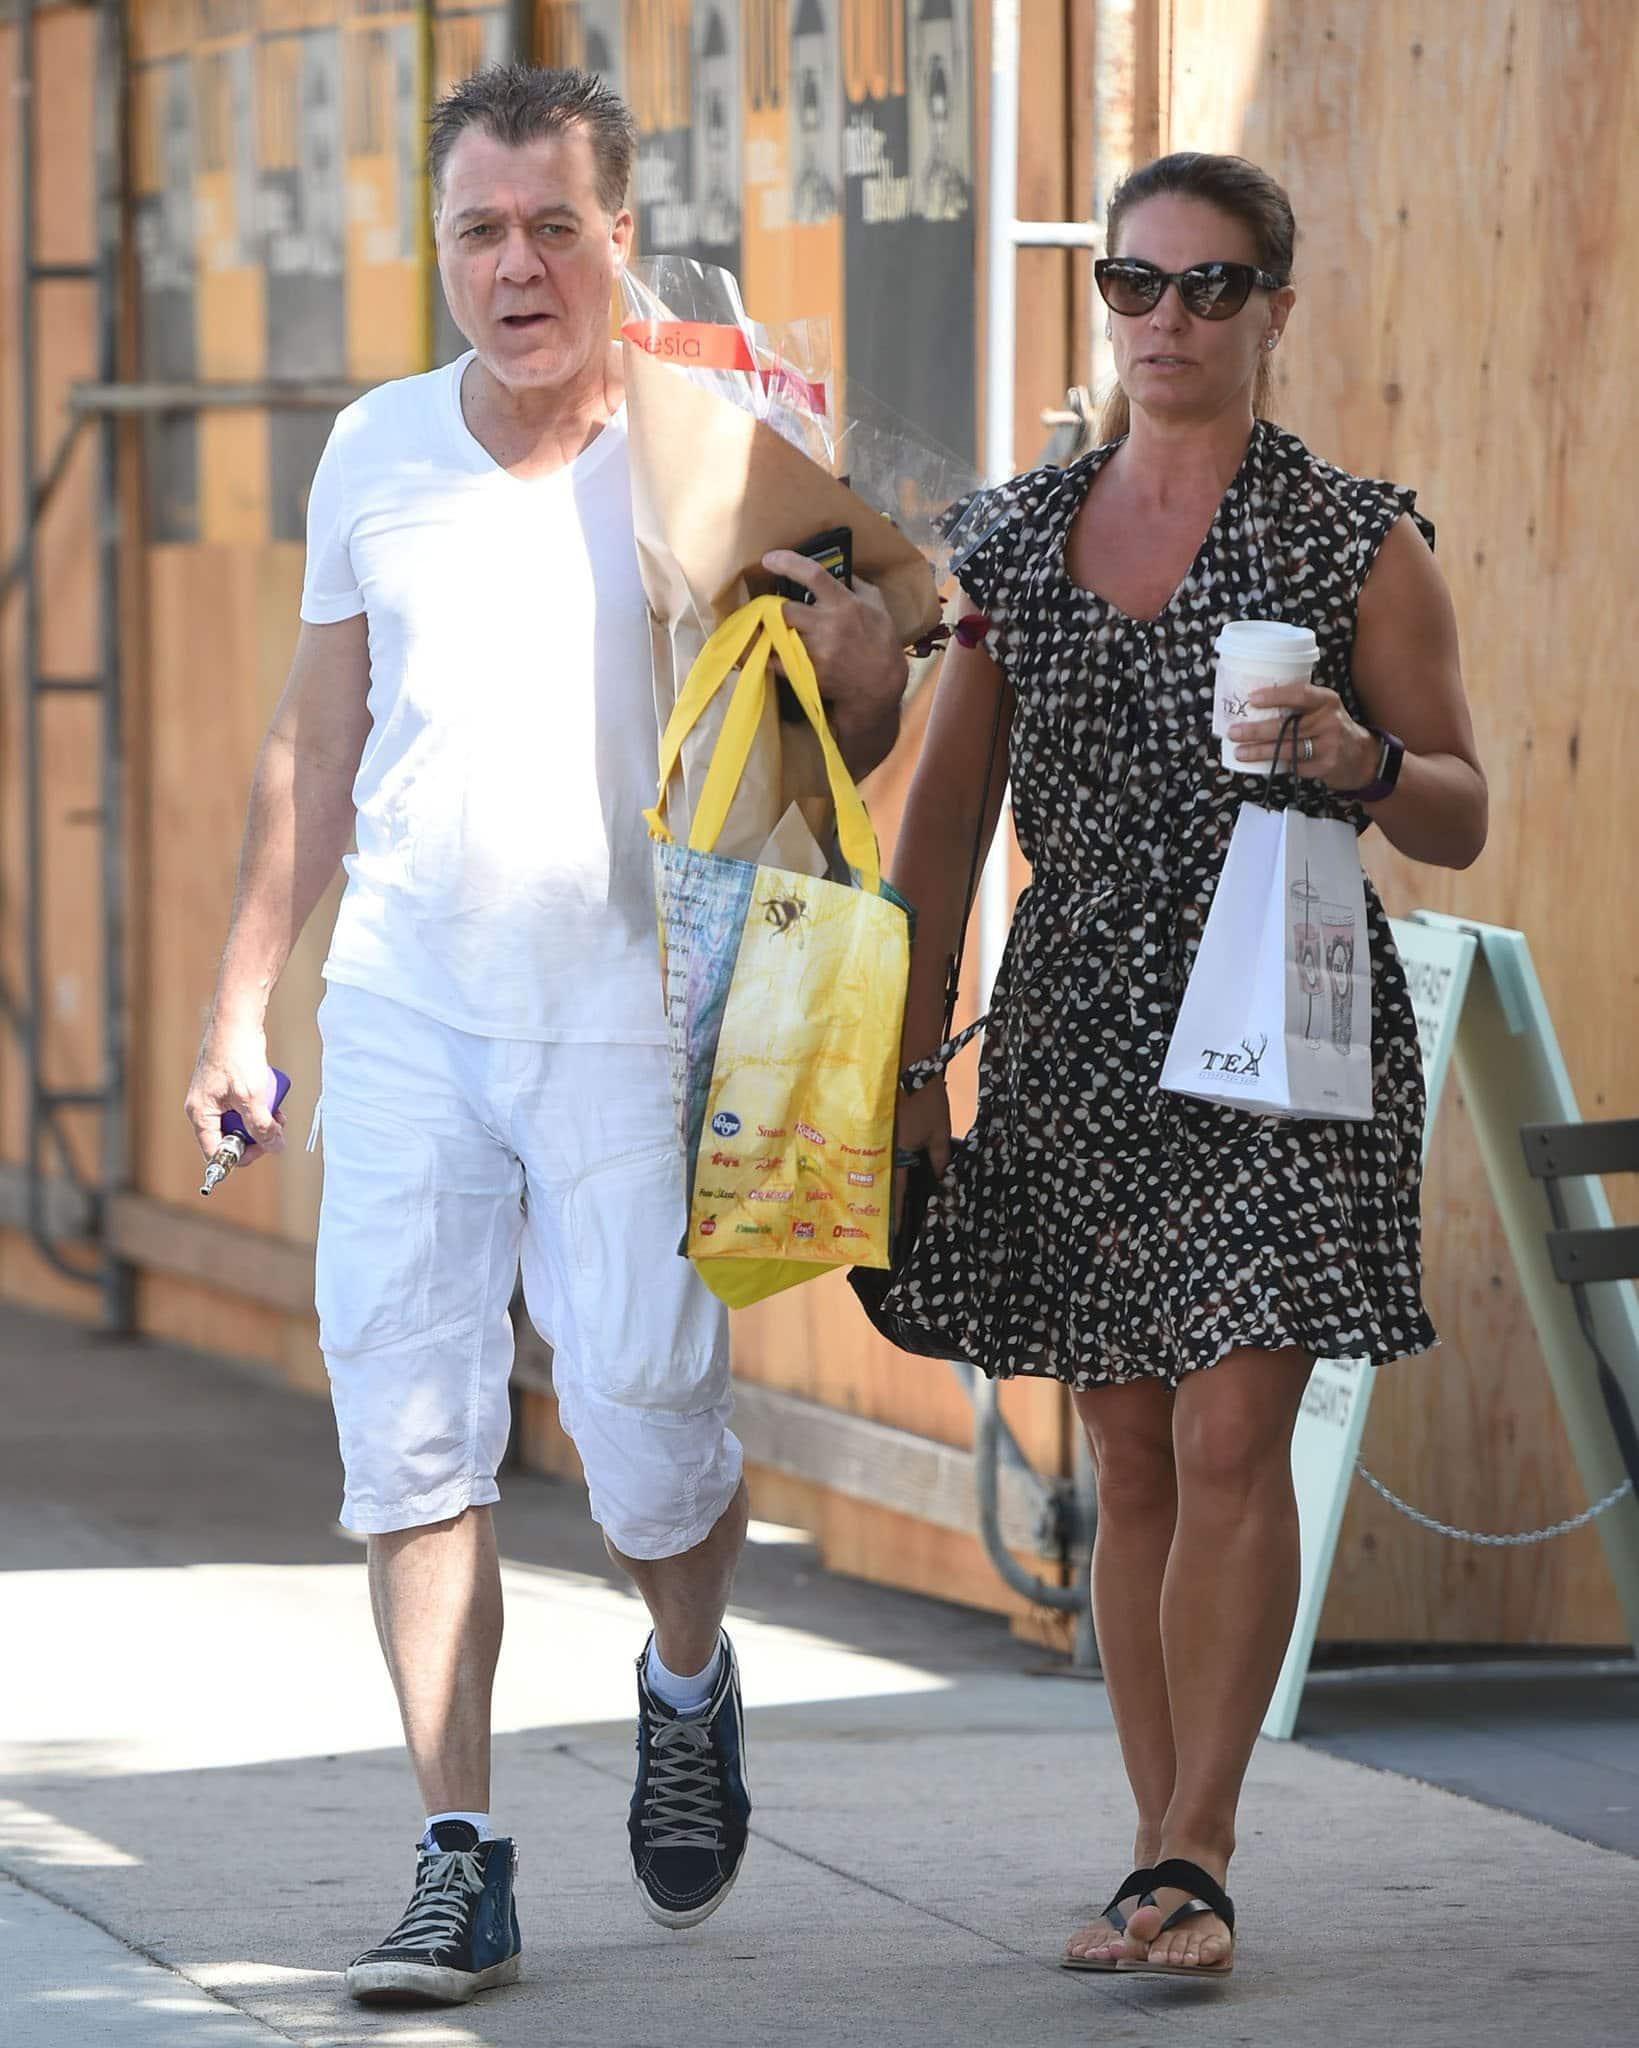 Eddie Van Halen and Janie Liszewski, pictured in 2017, met when Janie worked as Eddie's publicist